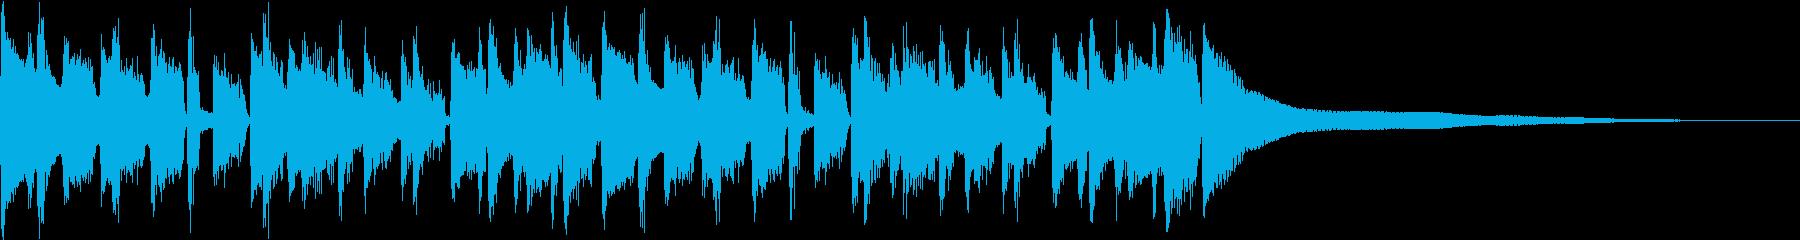 ウクレレと口笛の軽快なジングルの再生済みの波形